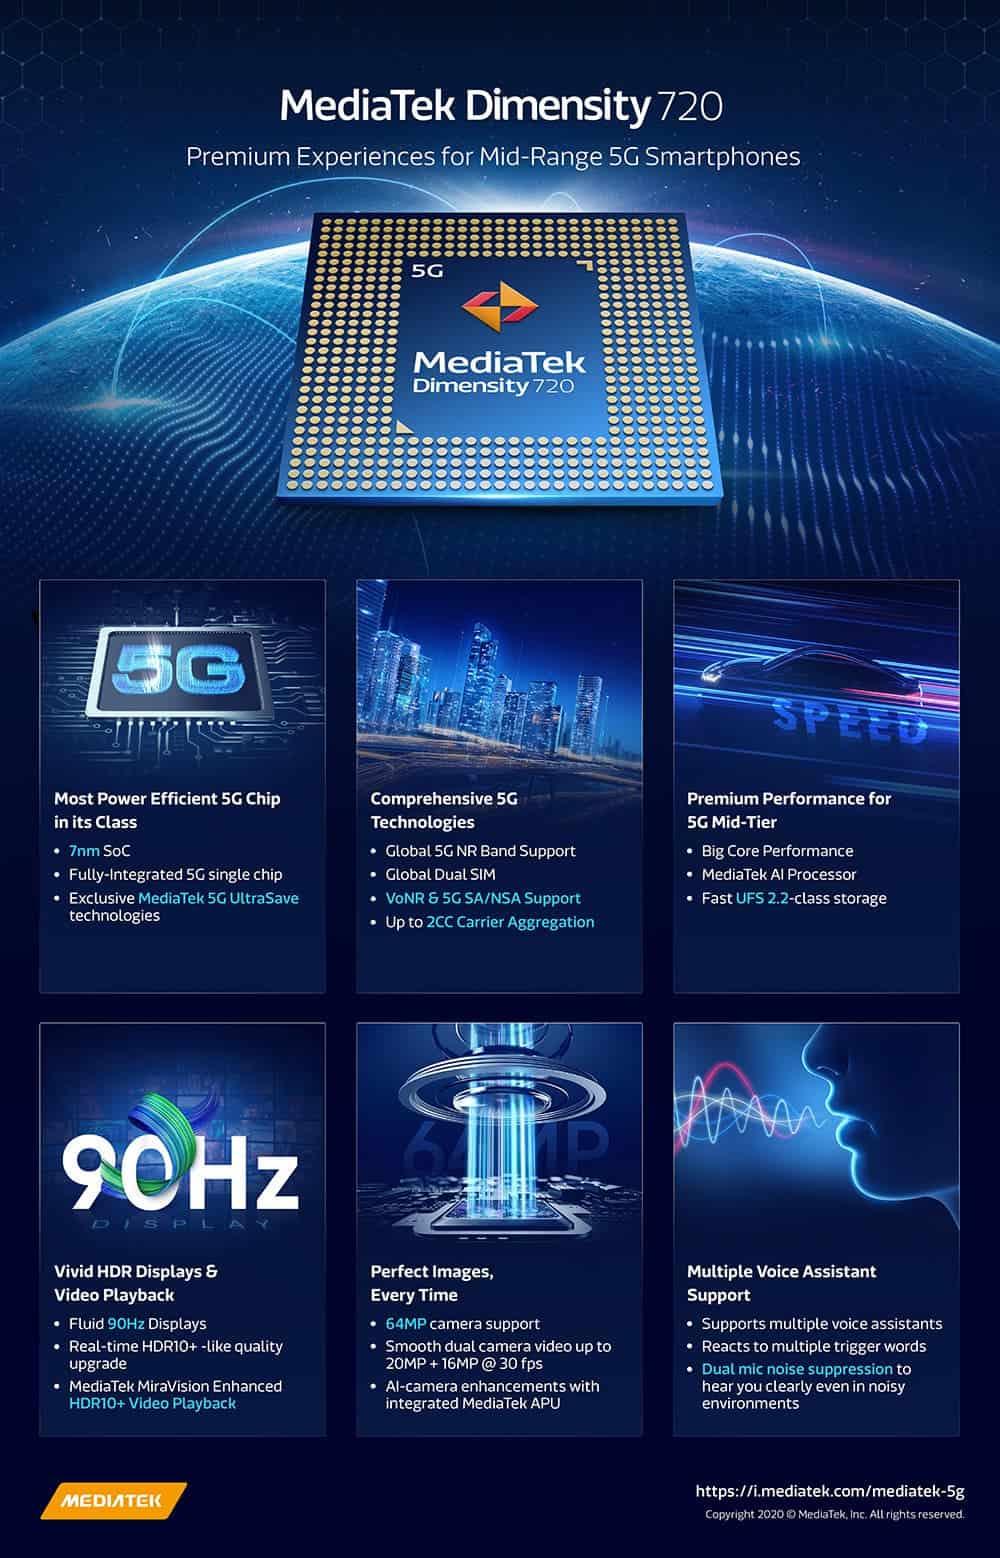 چیپست جدید Dimensity 720 5G مدیاتک چه مشخصاتی دارد؟ رقابت با کوآلکام؟